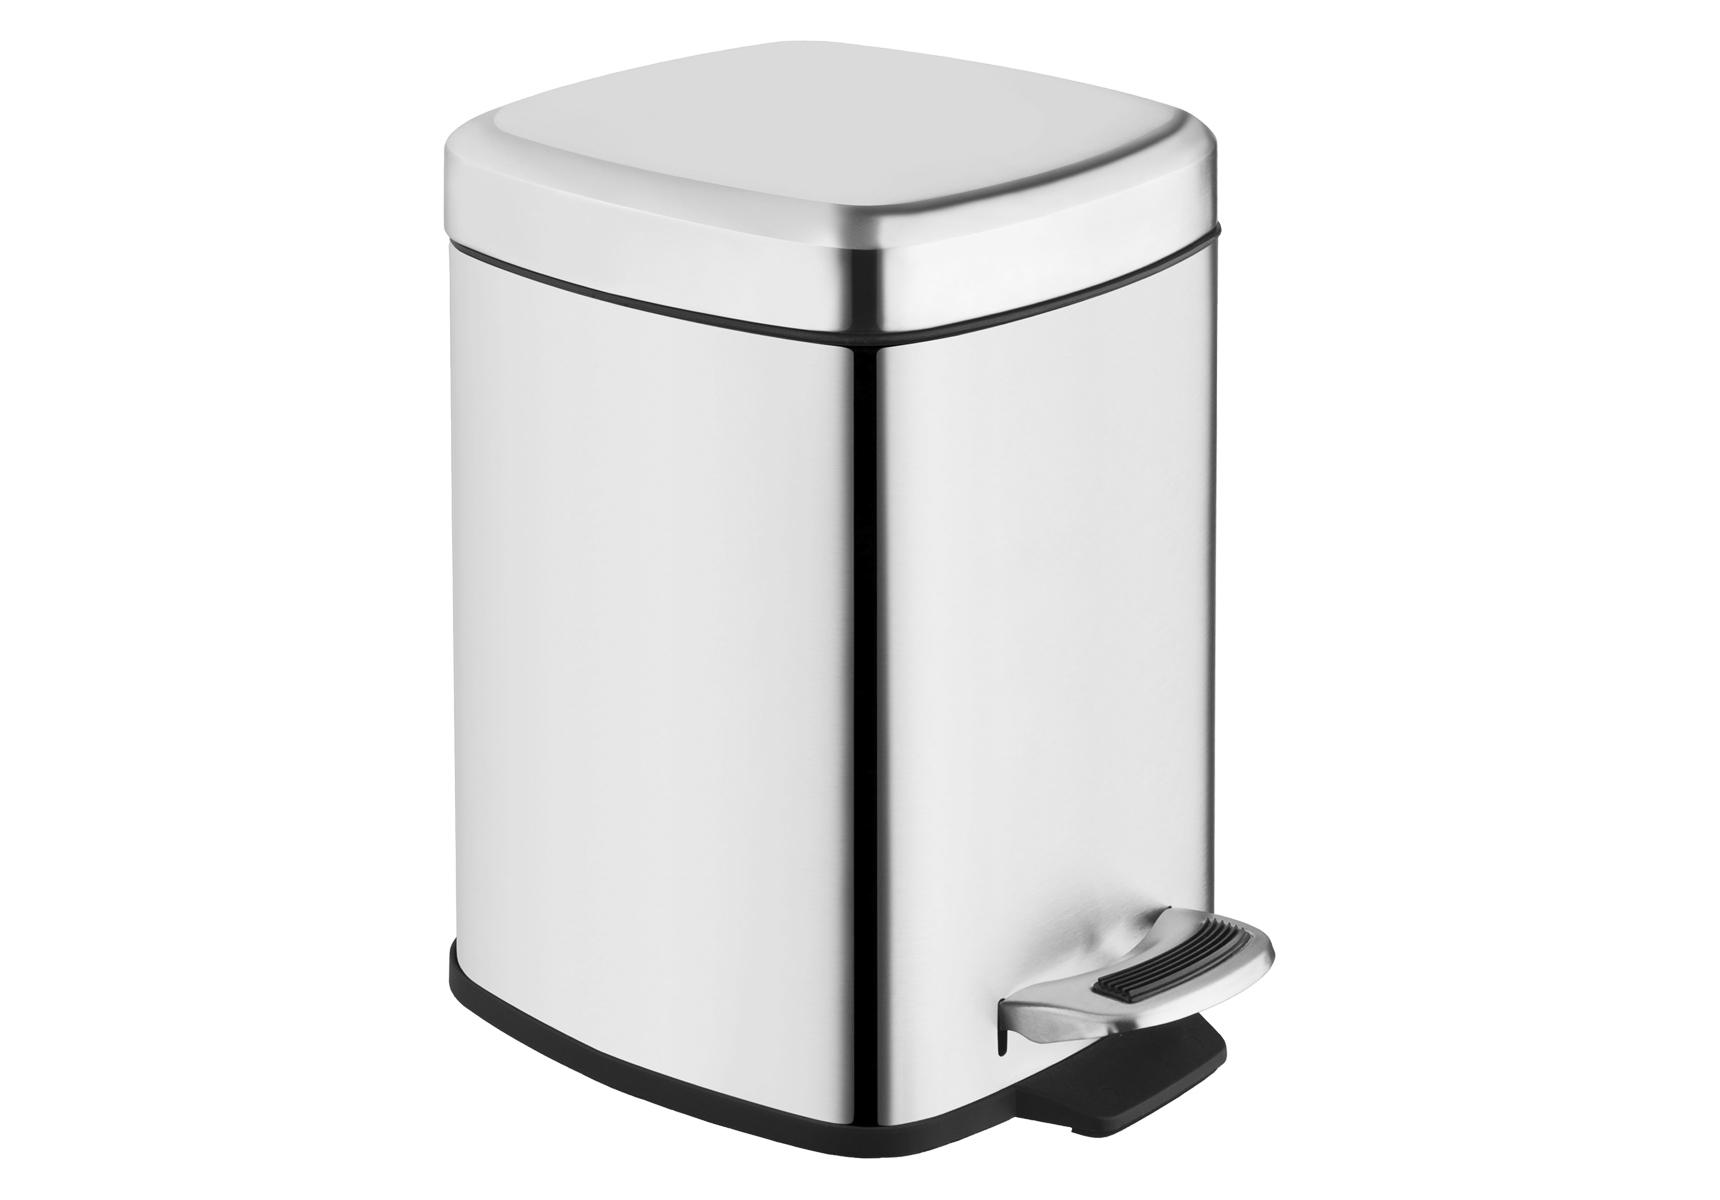 Arkitekta Trash Box Soft Close (5 Lt.)